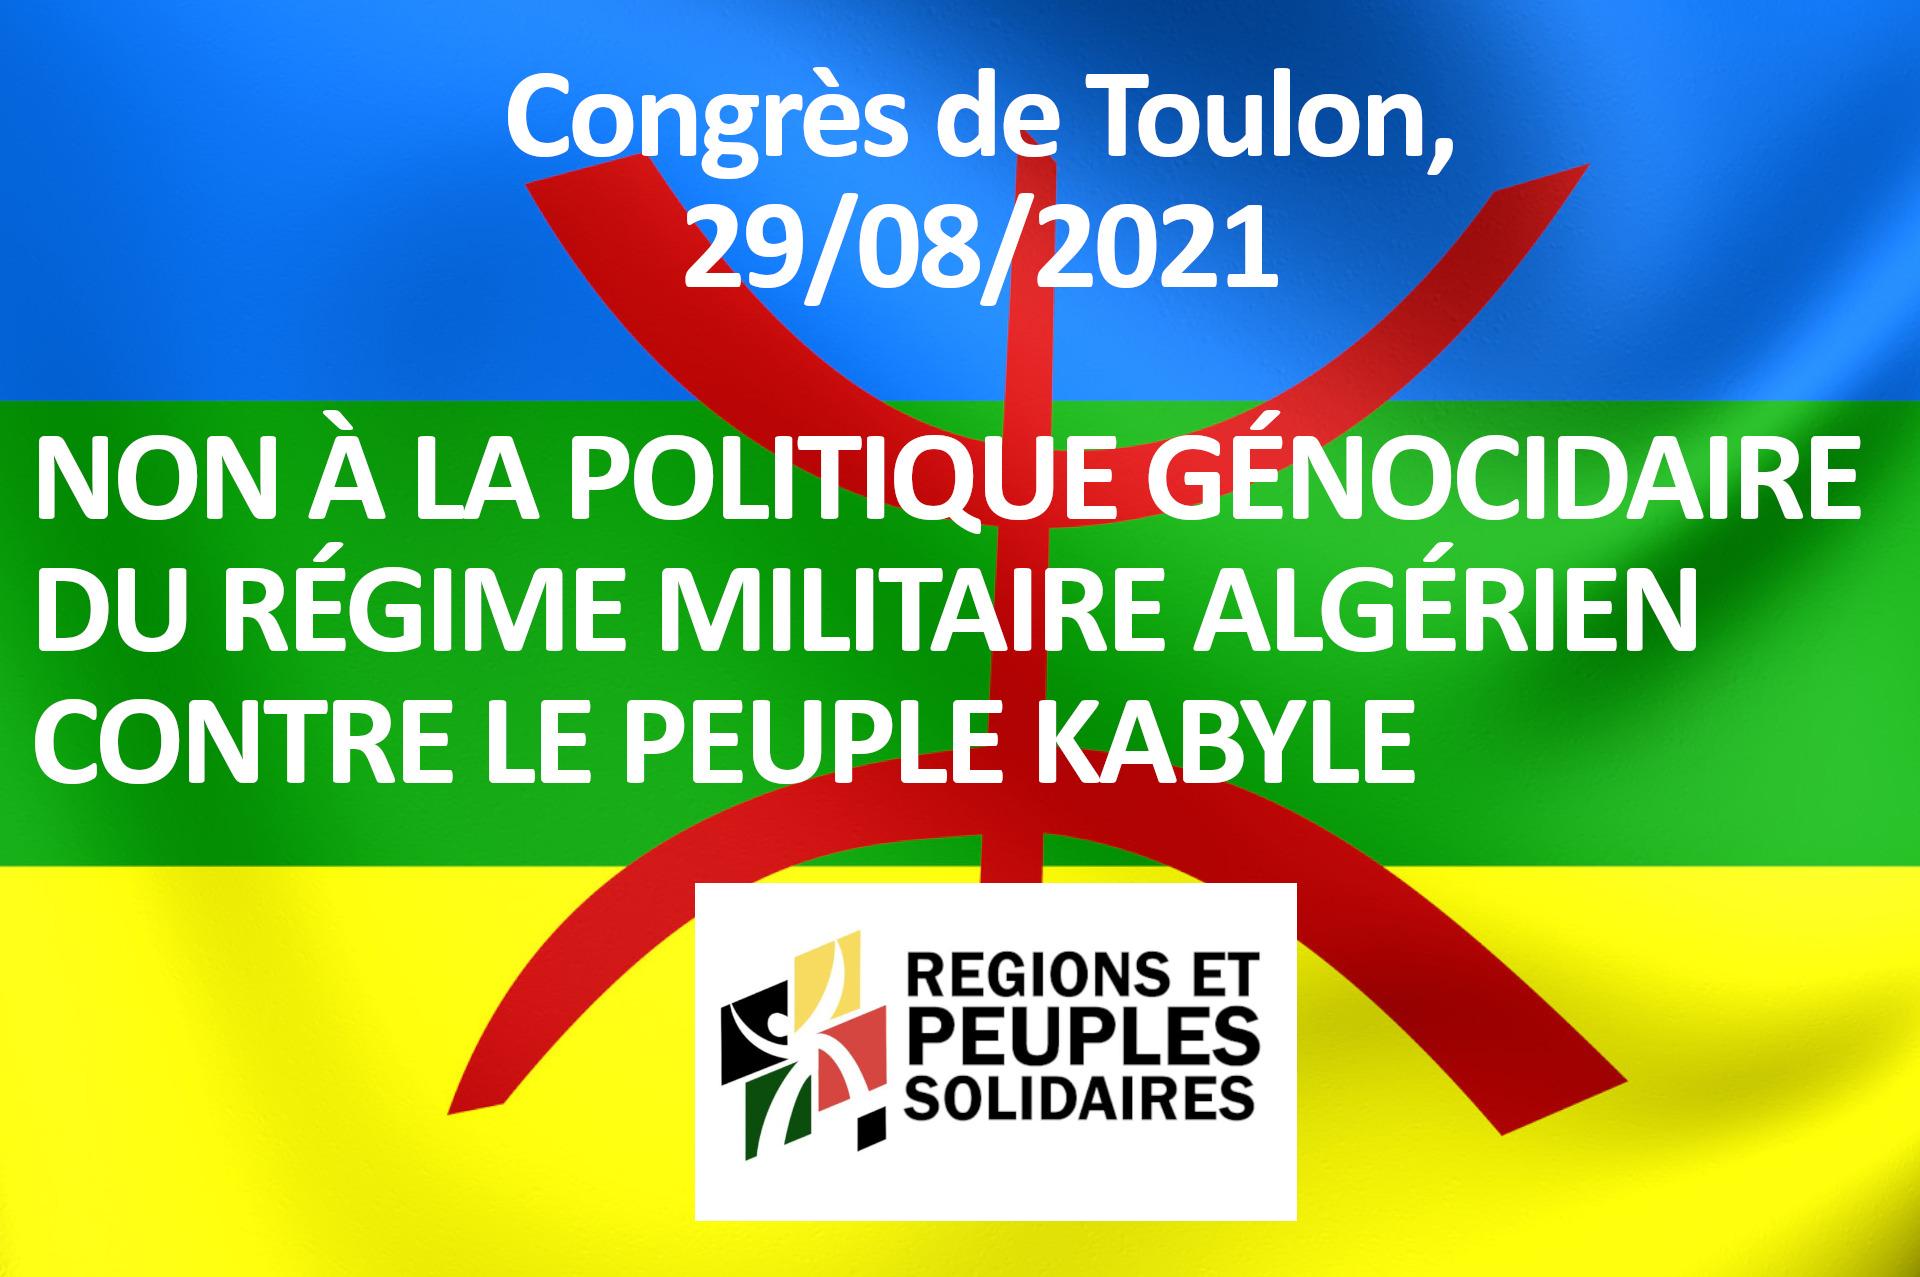 Non à la politique génocidaire du régime militaire algérien contre le peuple Kabyle